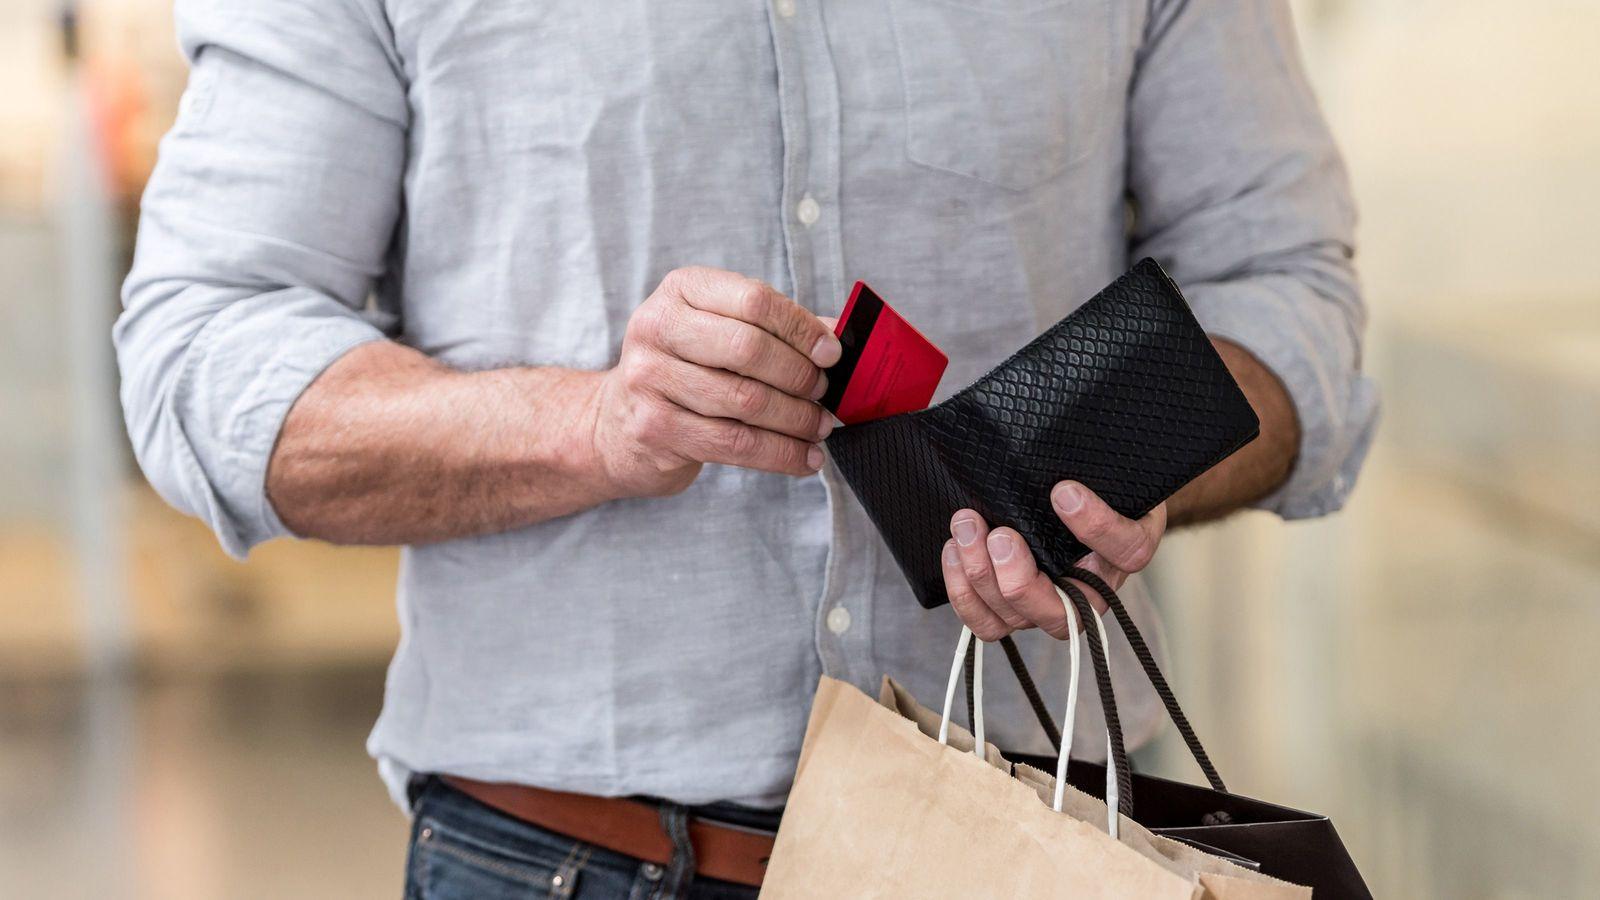 """賢く買い物する人が""""値切り交渉""""をしない理由 お金だけにこだわってはいけない"""